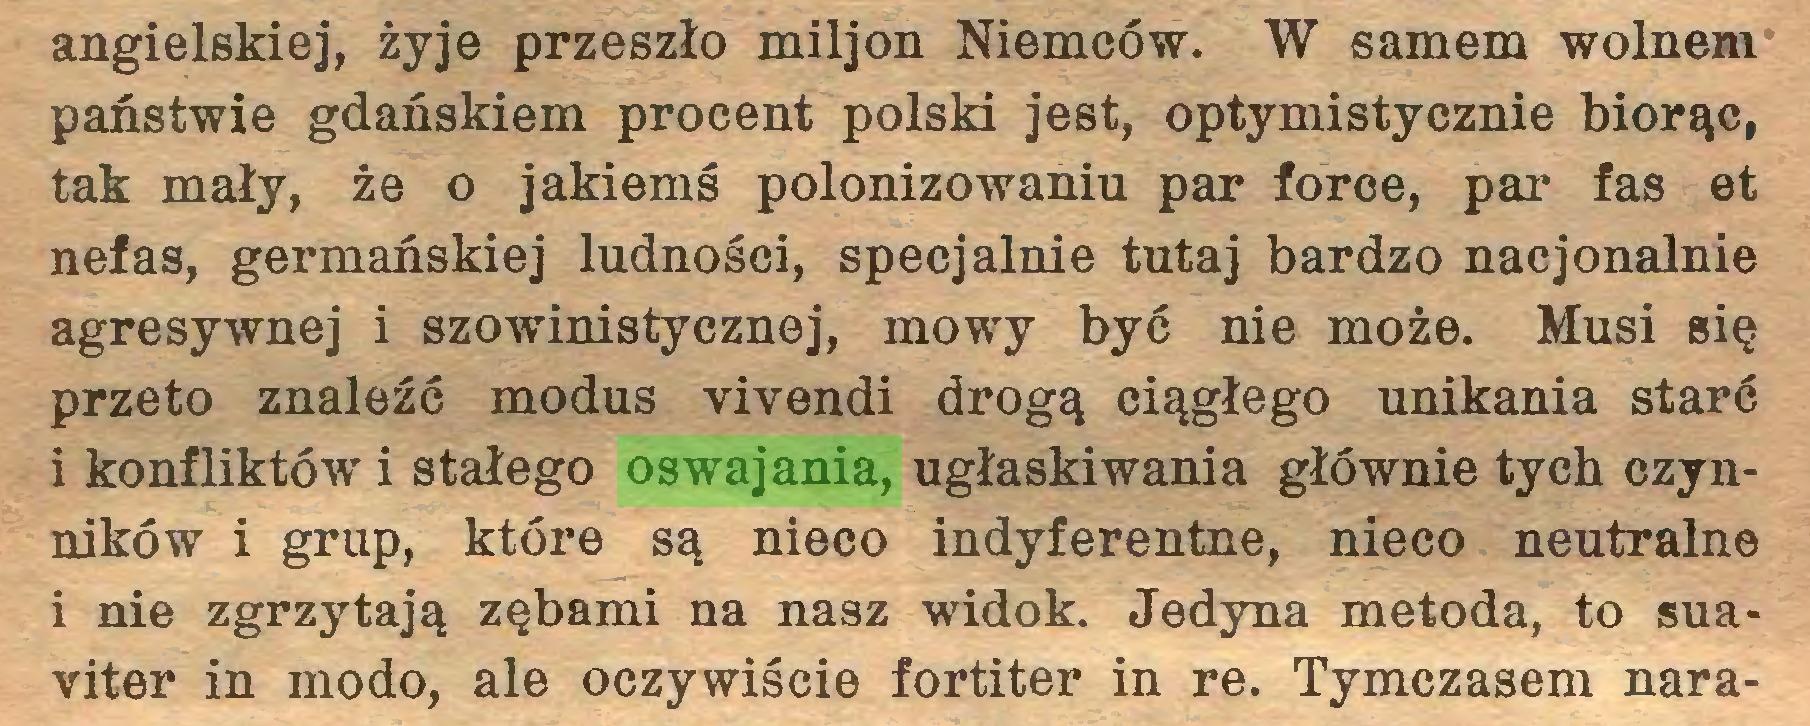 (...) angielskiej, żyje przeszło miljon Niemców. W samem wolnem państwie gdańskiem procent polski jest, optymistycznie biorąc, tak mały, że o jakiemś polonizowaniu par force, par fas et nefas, germańskiej ludności, specjalnie tutaj bardzo nacjonalnie agresywnej i szowinistycznej, mowy być nie może. Musi się przeto znaleźć modus vivendi drogą ciągłego unikania starć i konfliktów i stałego oswajania, ugłaskiwania głównie tych czynników i grup, które są nieco indyferentne, nieco neutralne i nie zgrzytają zębami na nasz widok. Jedyna metoda, to suaviter in modo, ale oczywiście fortiter in re. Tymczasem nara...